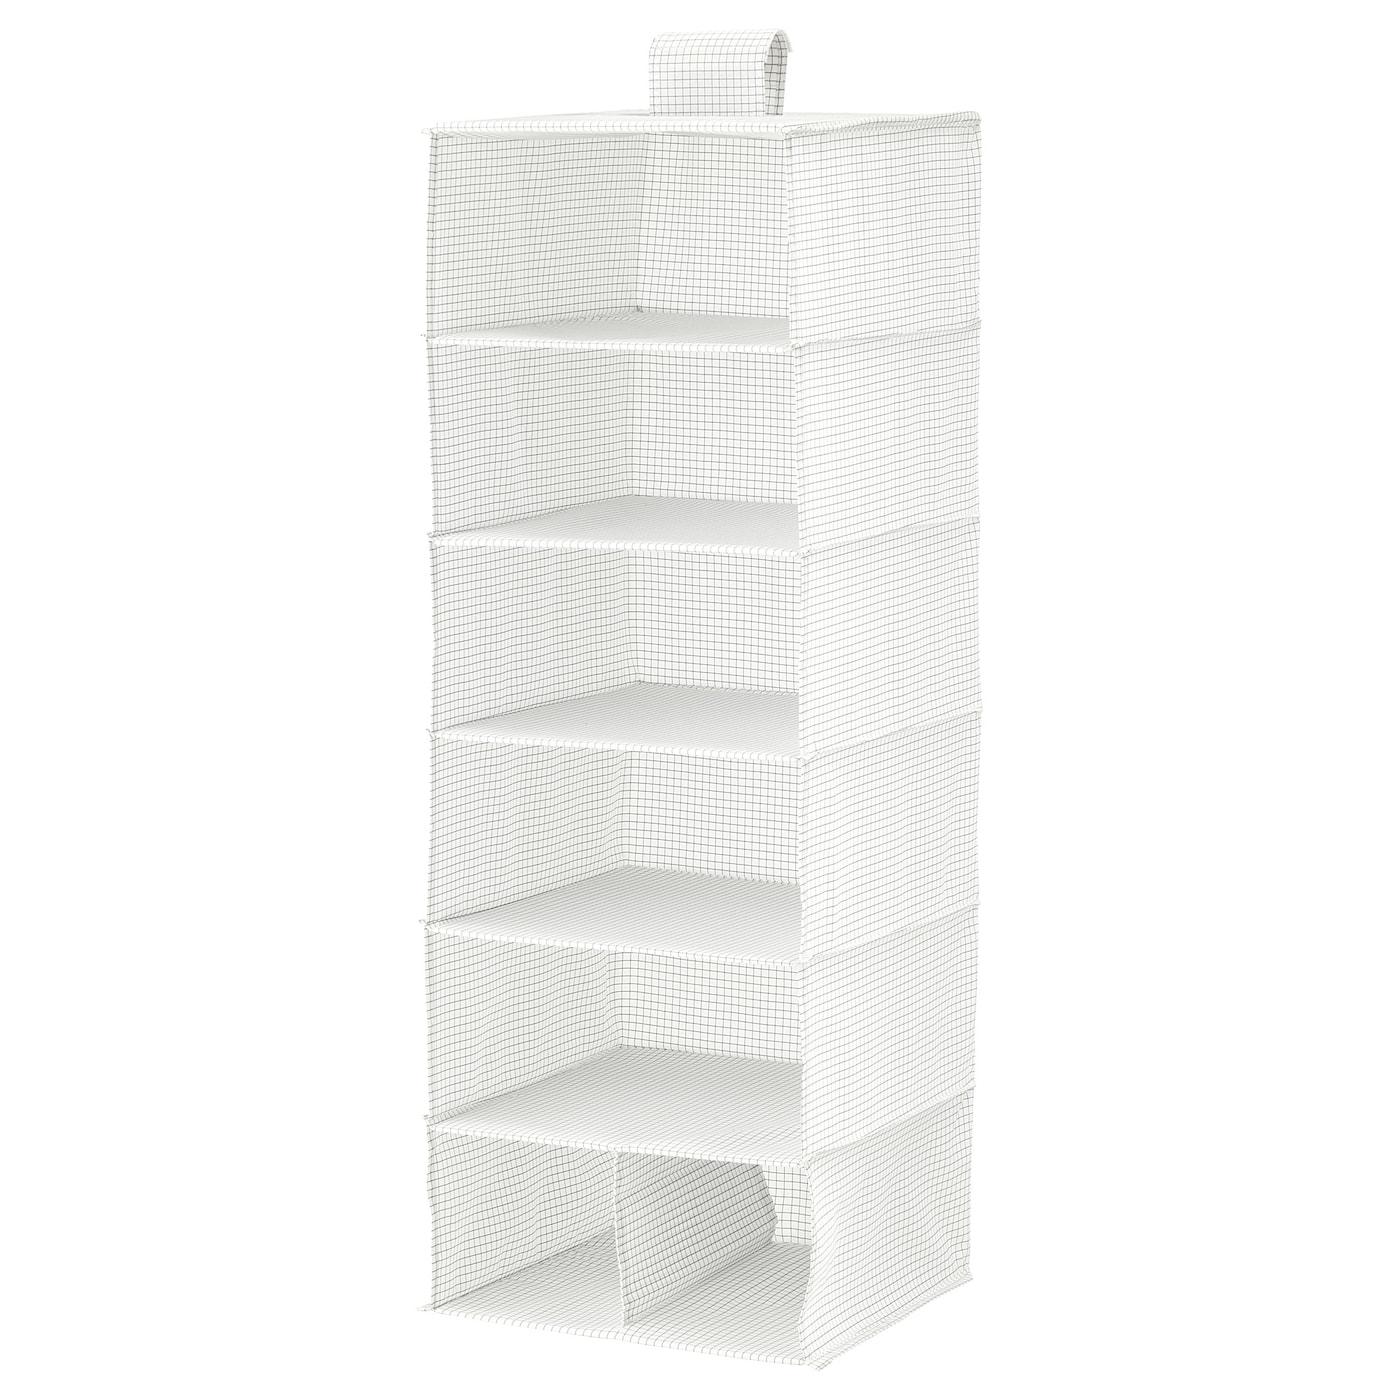 IKEA STUK Hängeaufbewahrung mit 7 Fächern